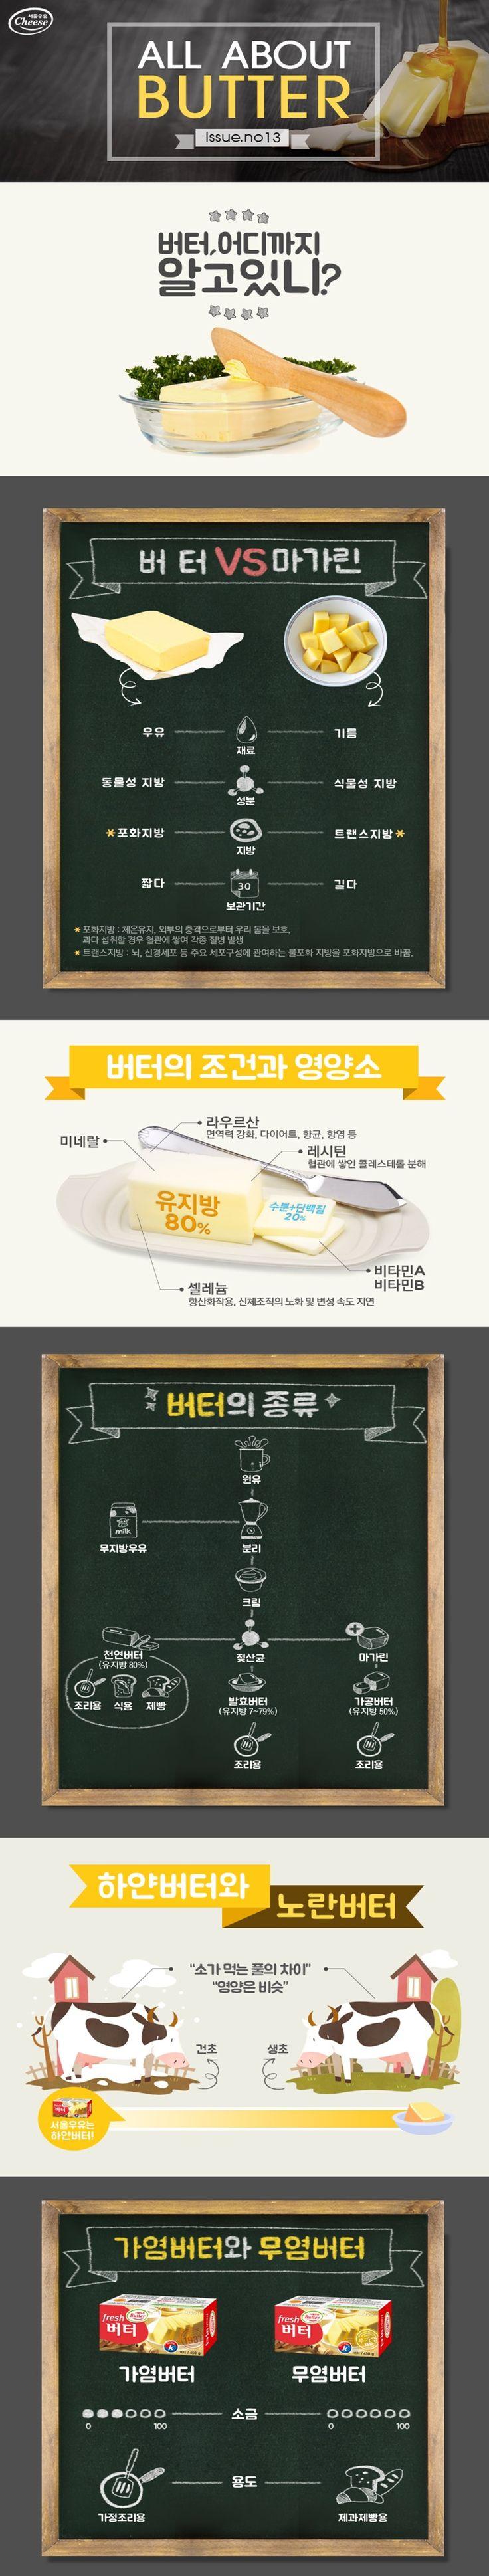 여러분은 버터에 대해 얼마나 알고 계신가요~ '버터와 마가린은 비슷하다?' '버터의 종류는 하나다!' 이렇게 생각하고 계셨던 분들이라면 이번 인포그래픽을 꼭 봐주세요! 버터와 마가린의 차이점은 무엇인지, 사소한 차이로 버터의 쓰임새가 어떻게 달라지는지 확실히 알 수 있을 거예요 ;) 서울우유가 준비한 버터의 모든 것~ 지금 시작합니다!